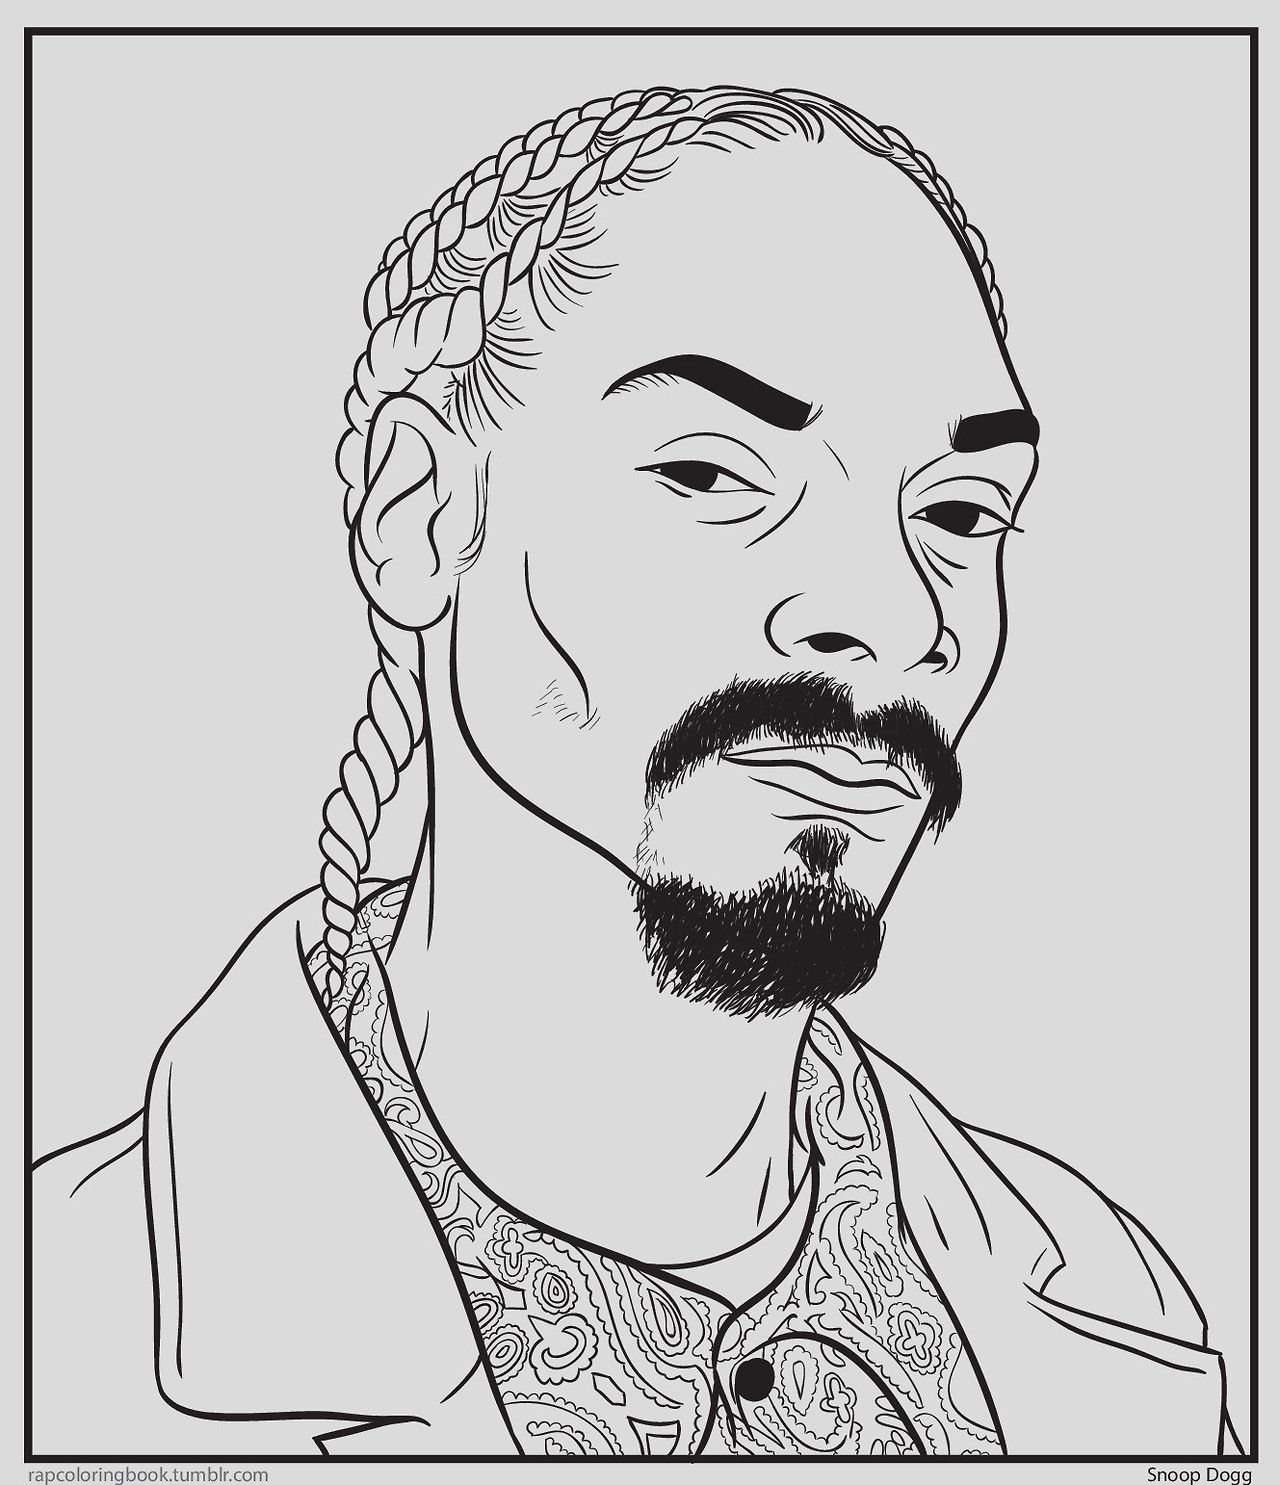 Bun B's Jumbo Coloring and Rap Coloring Book | Rapper art ...